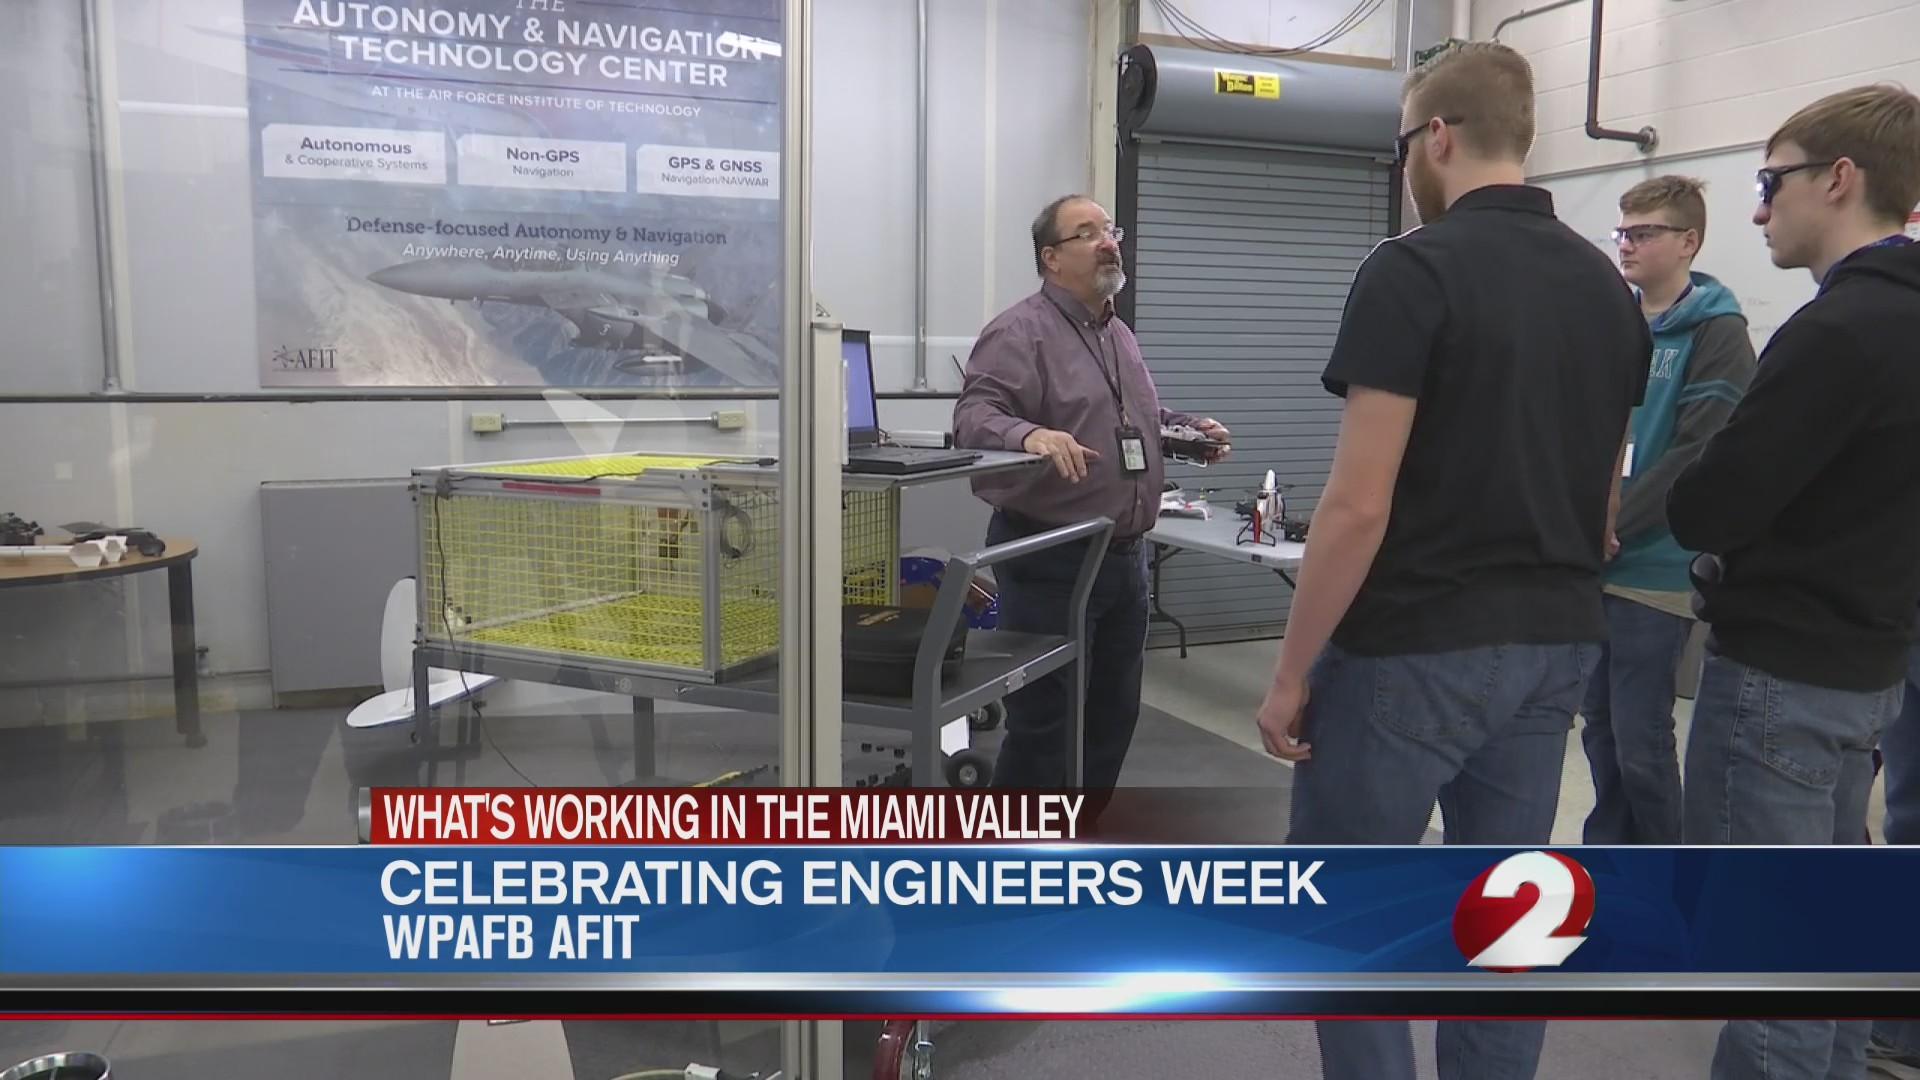 Celebrating Engineers Week at WPAFB